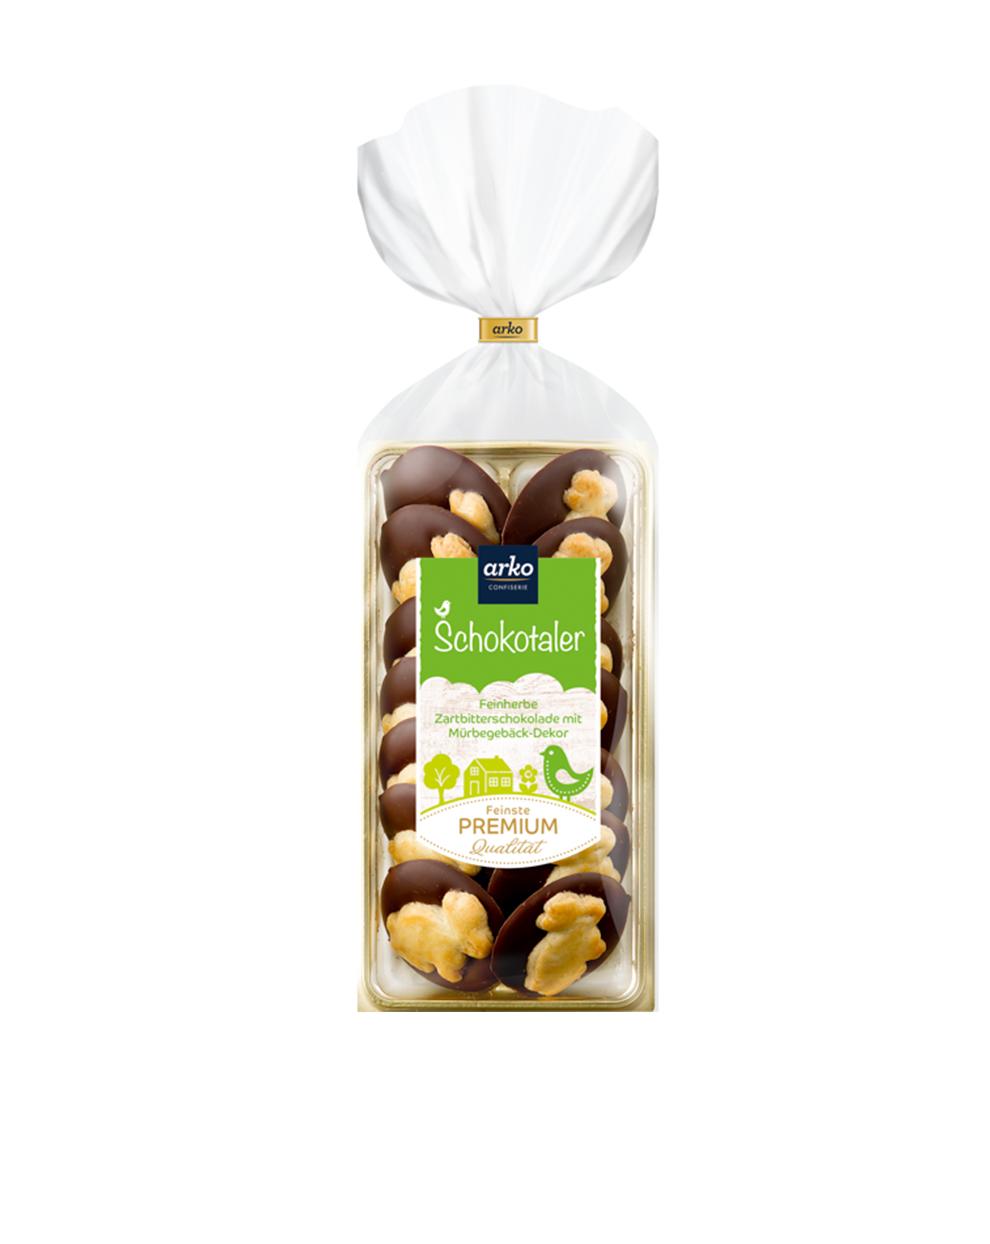 Schokoladentaler Hase Zartbitter Schokolade von arko